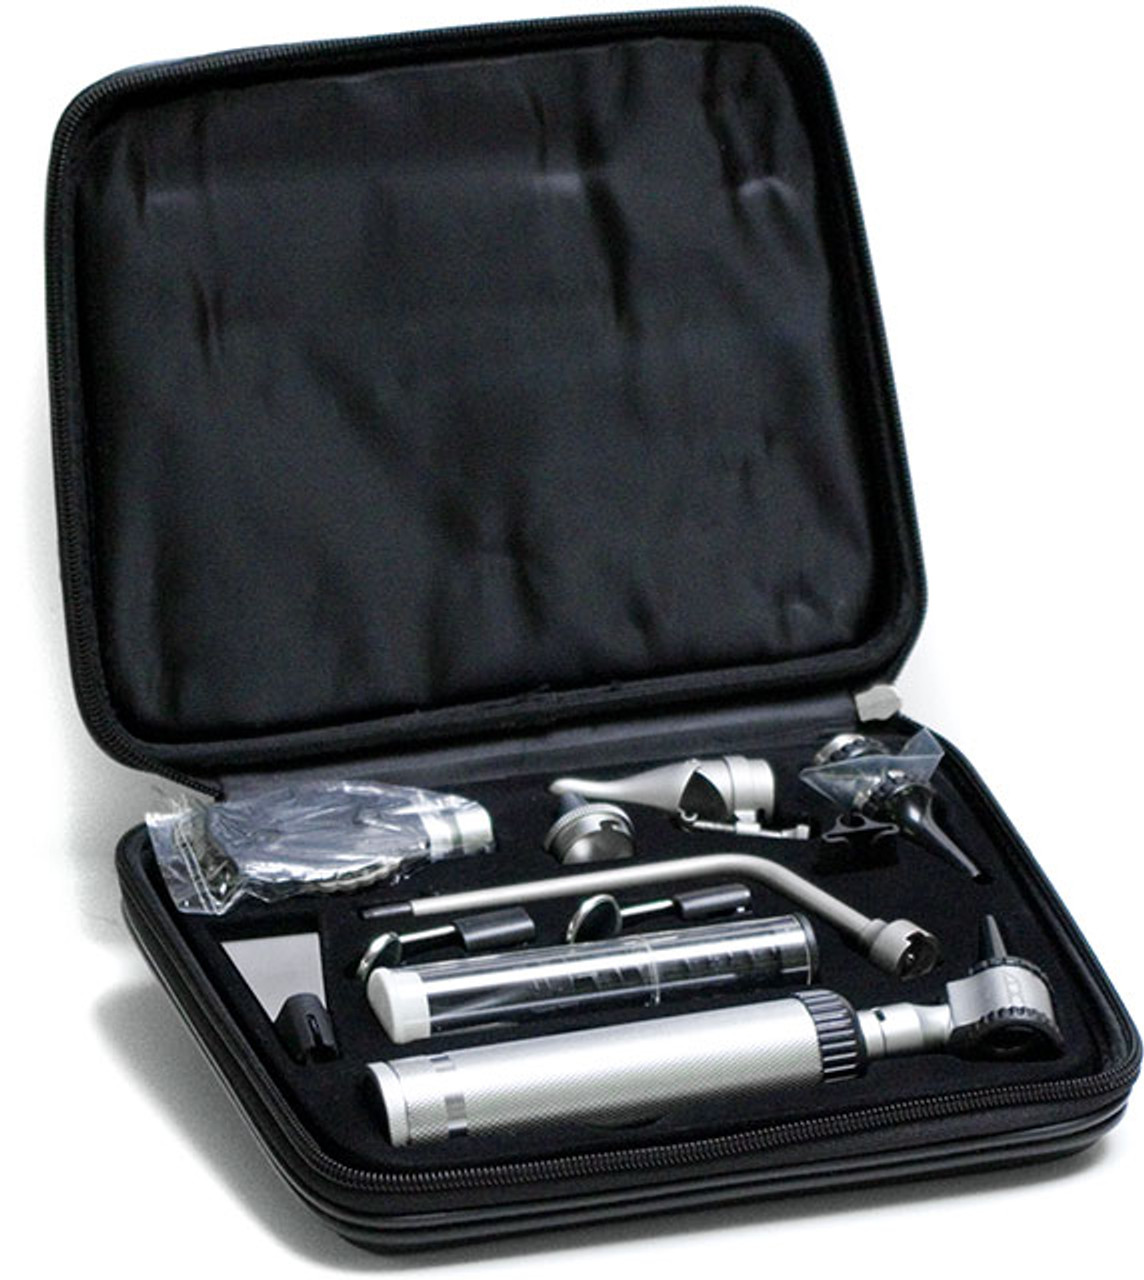 ADC 5215 Complete 2.5v Instrument Set